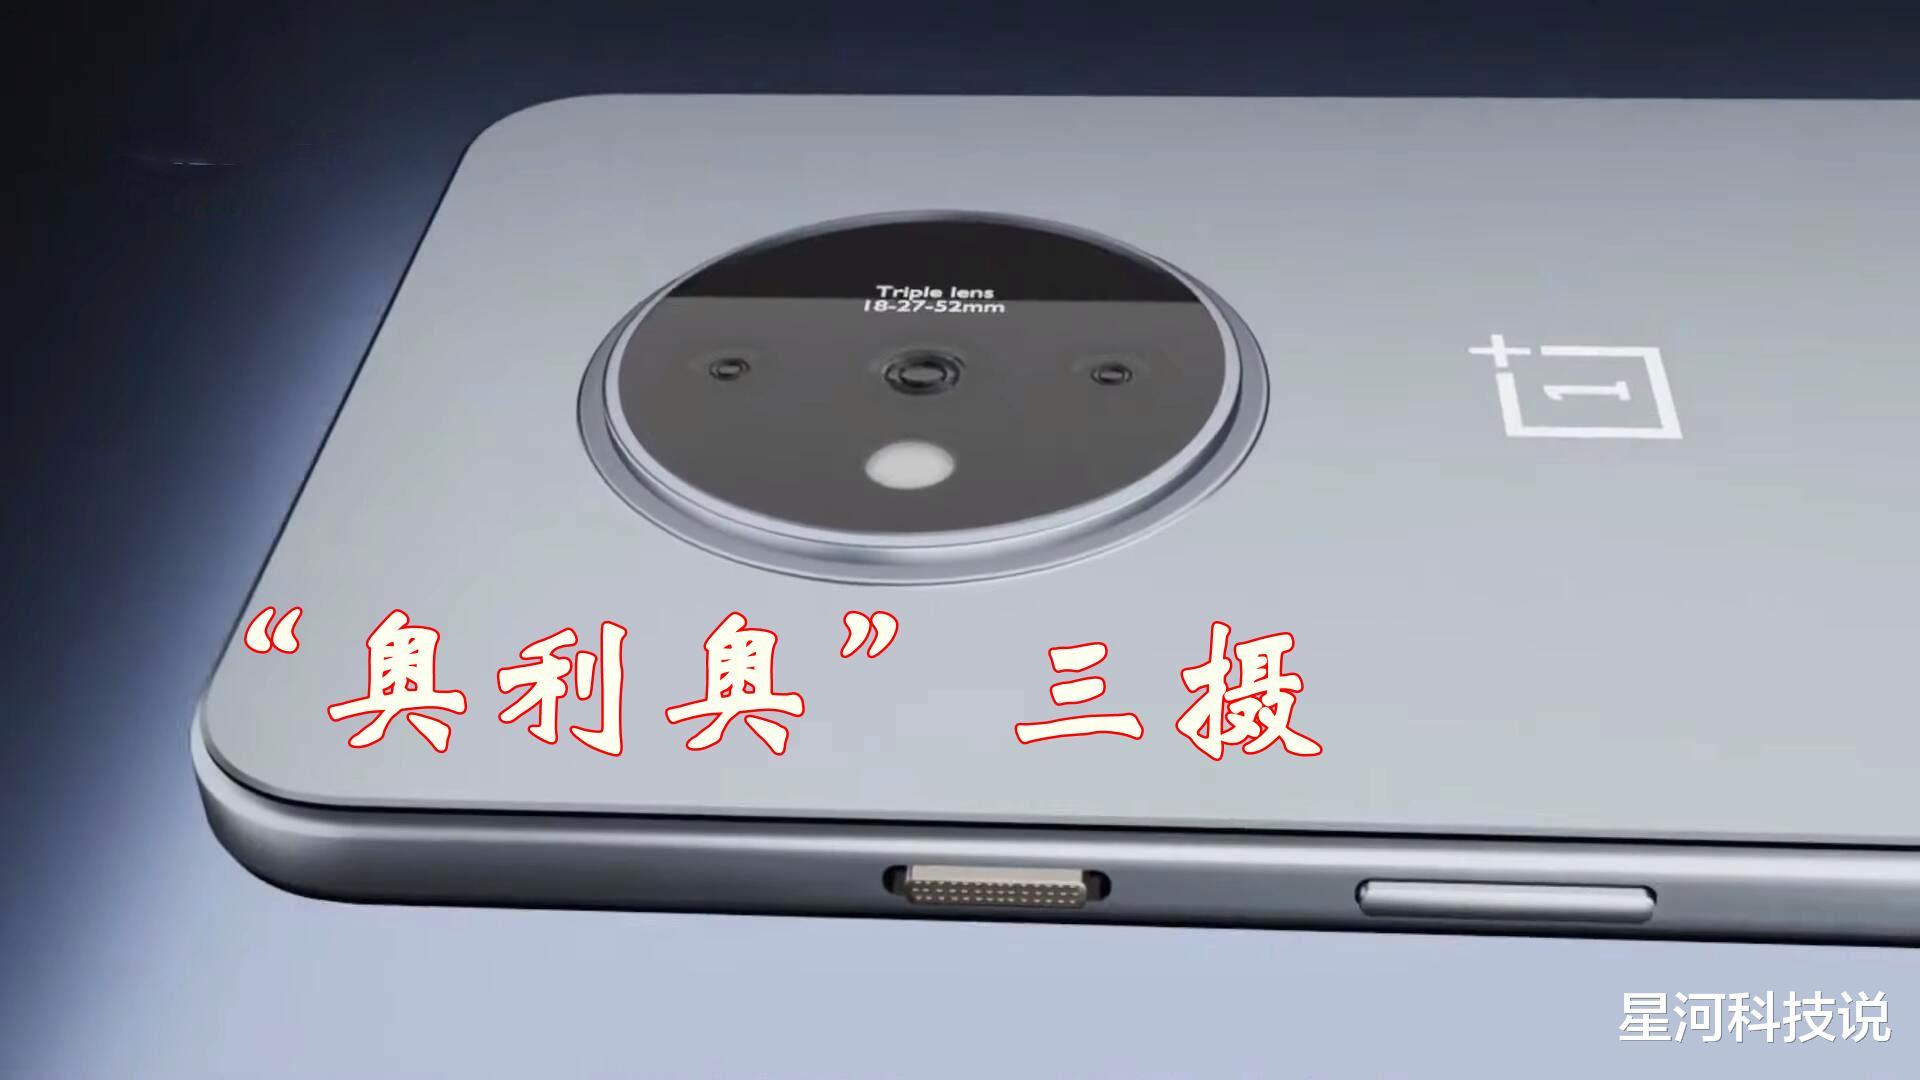 一加新机曝光:超窄边框+120Hz屏幕,新一代安卓机皇?